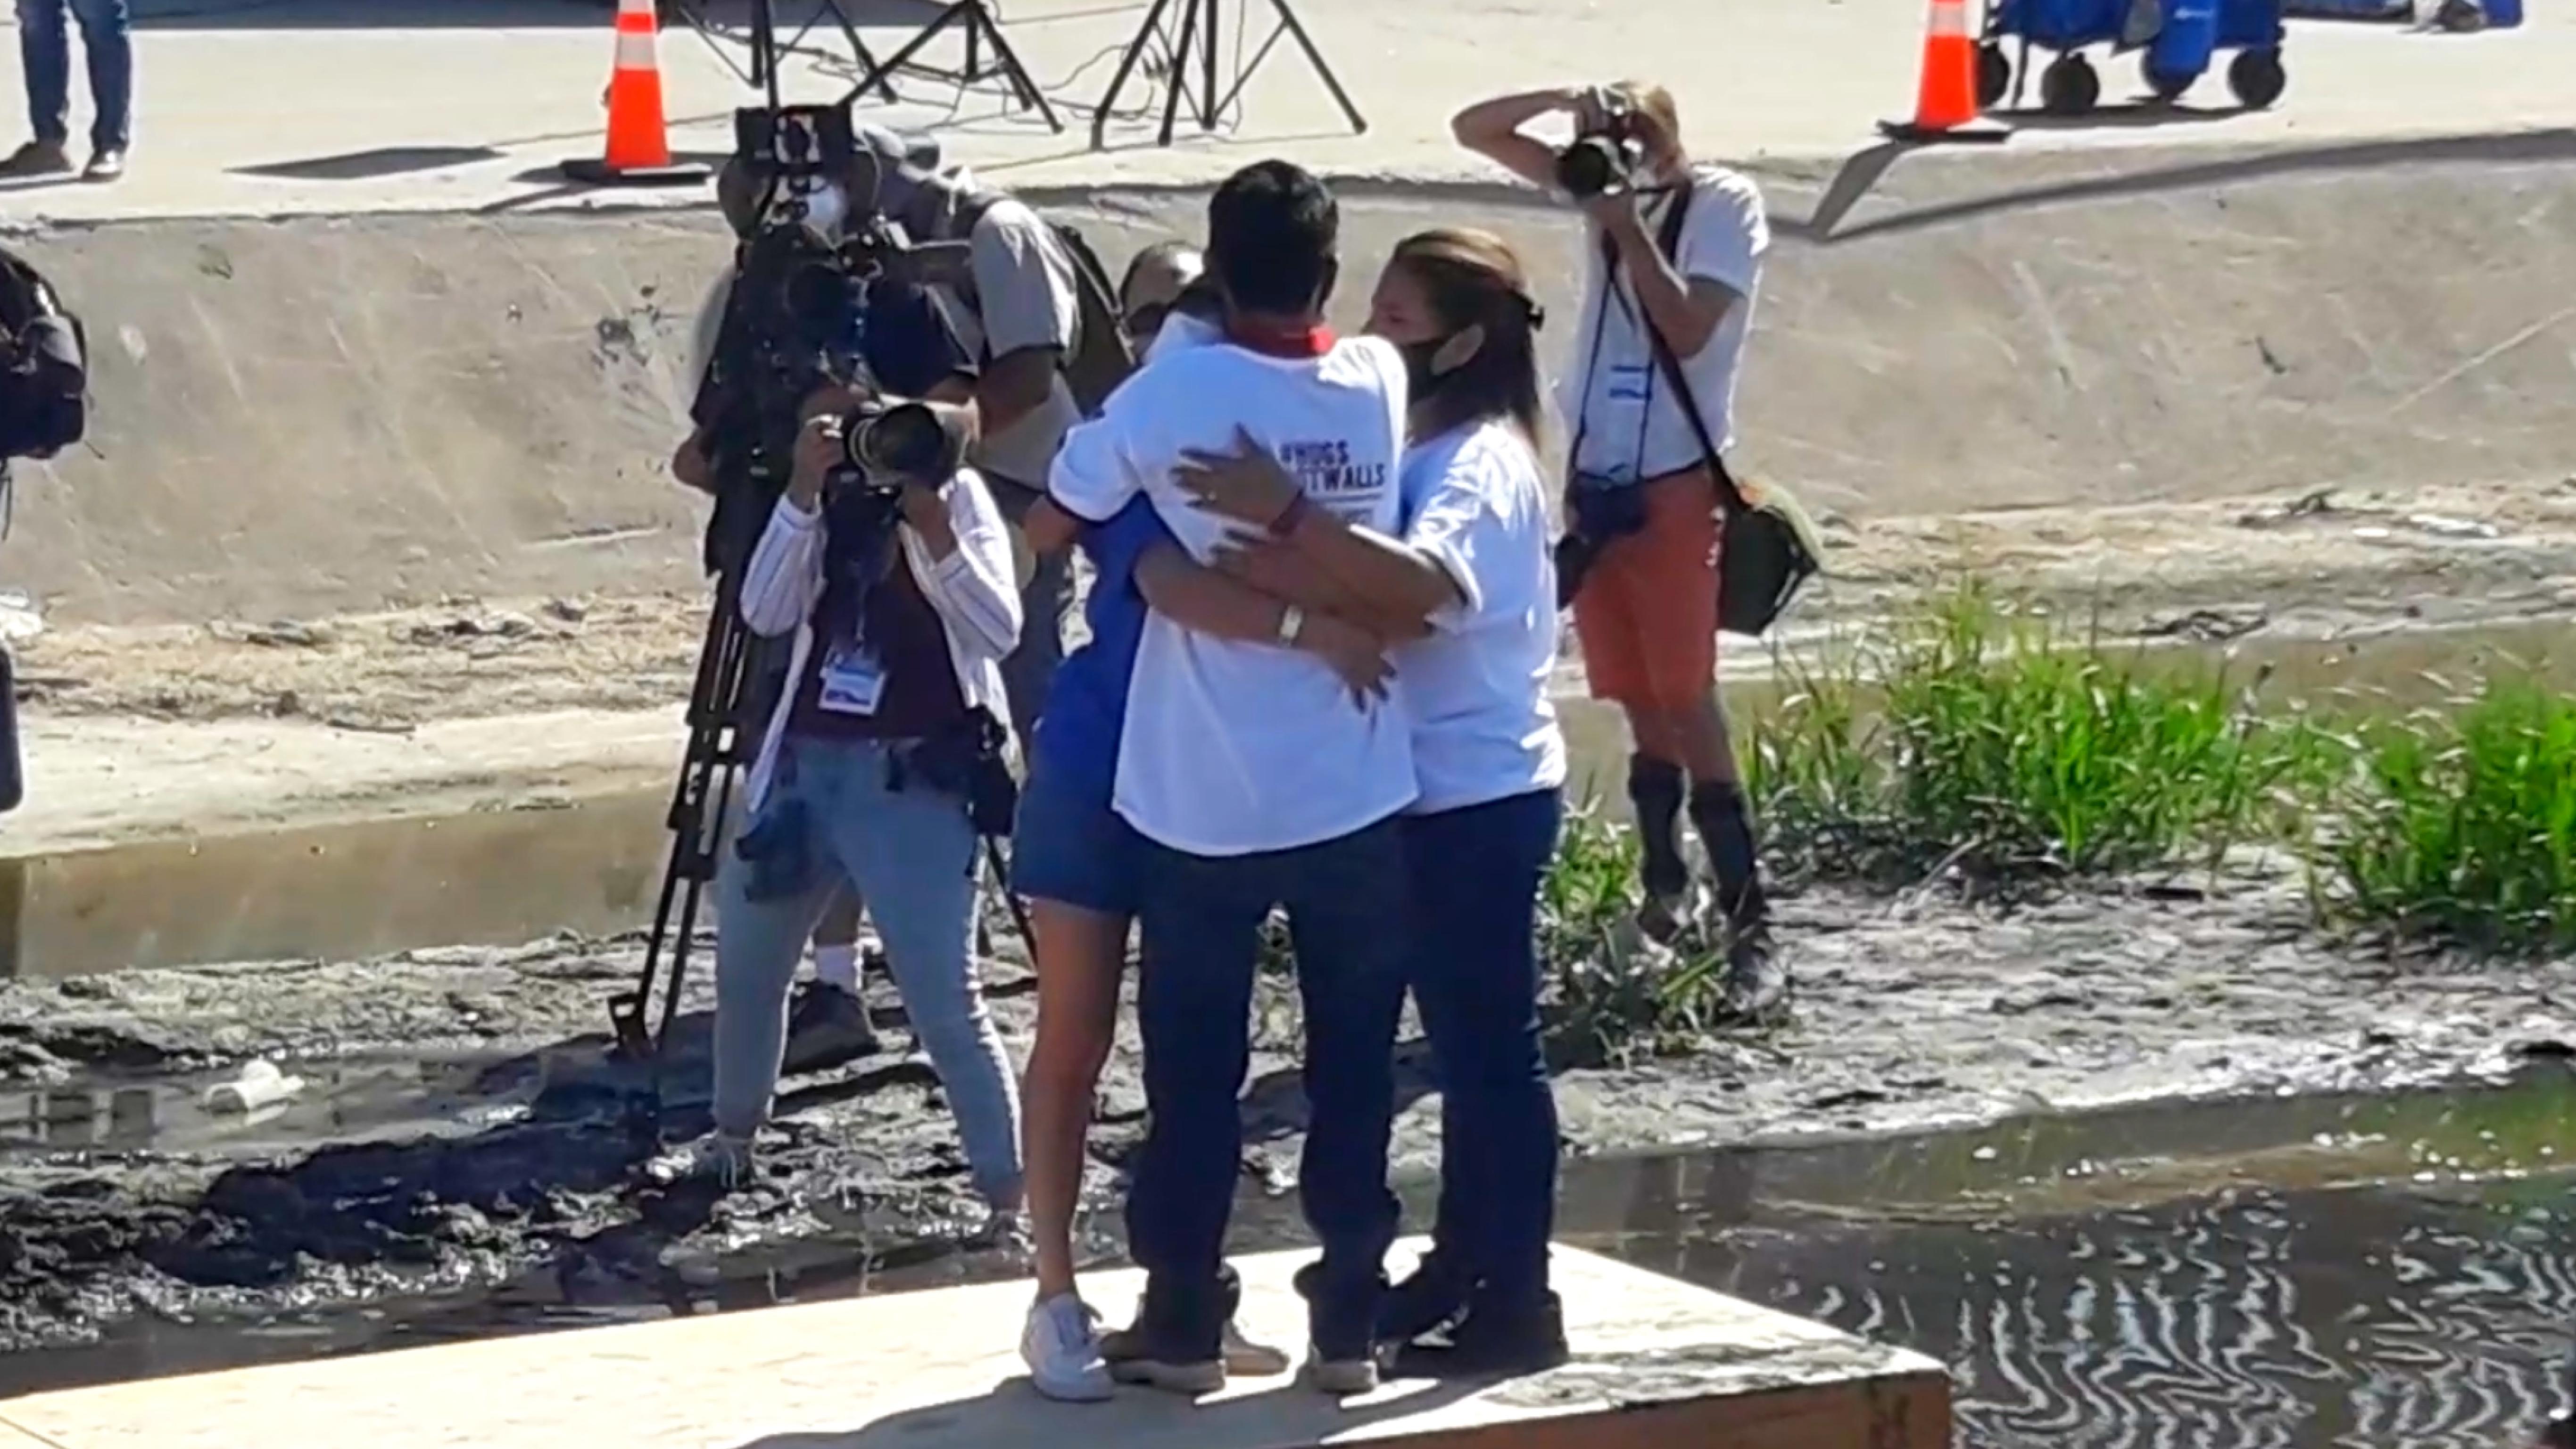 Abrazos no muros, hugs not walls, Rio Bravo, frontera, Mexico Estados Unidos, migracion, pandemia. familias, migrantes, deportados